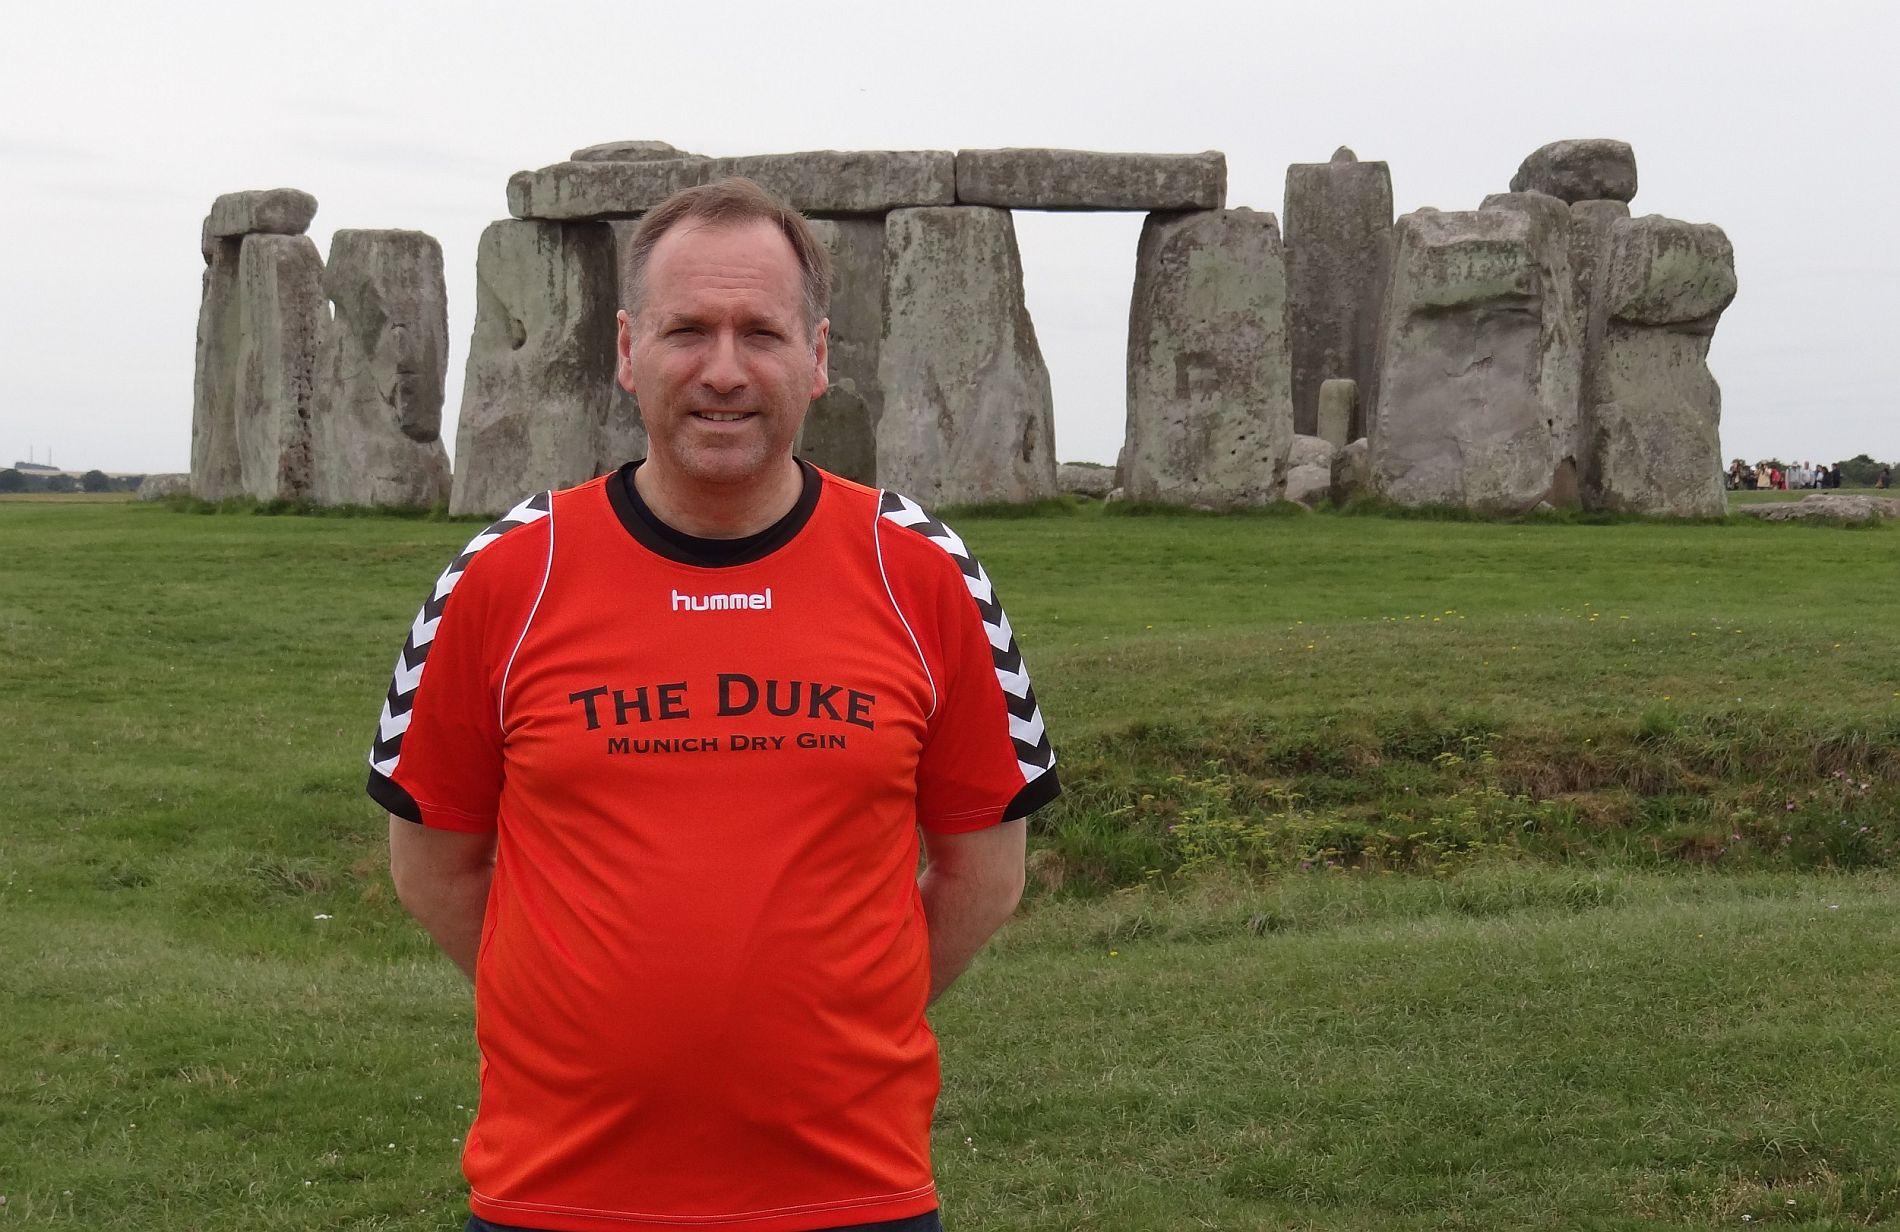 Sambakicker bei Stonehenge